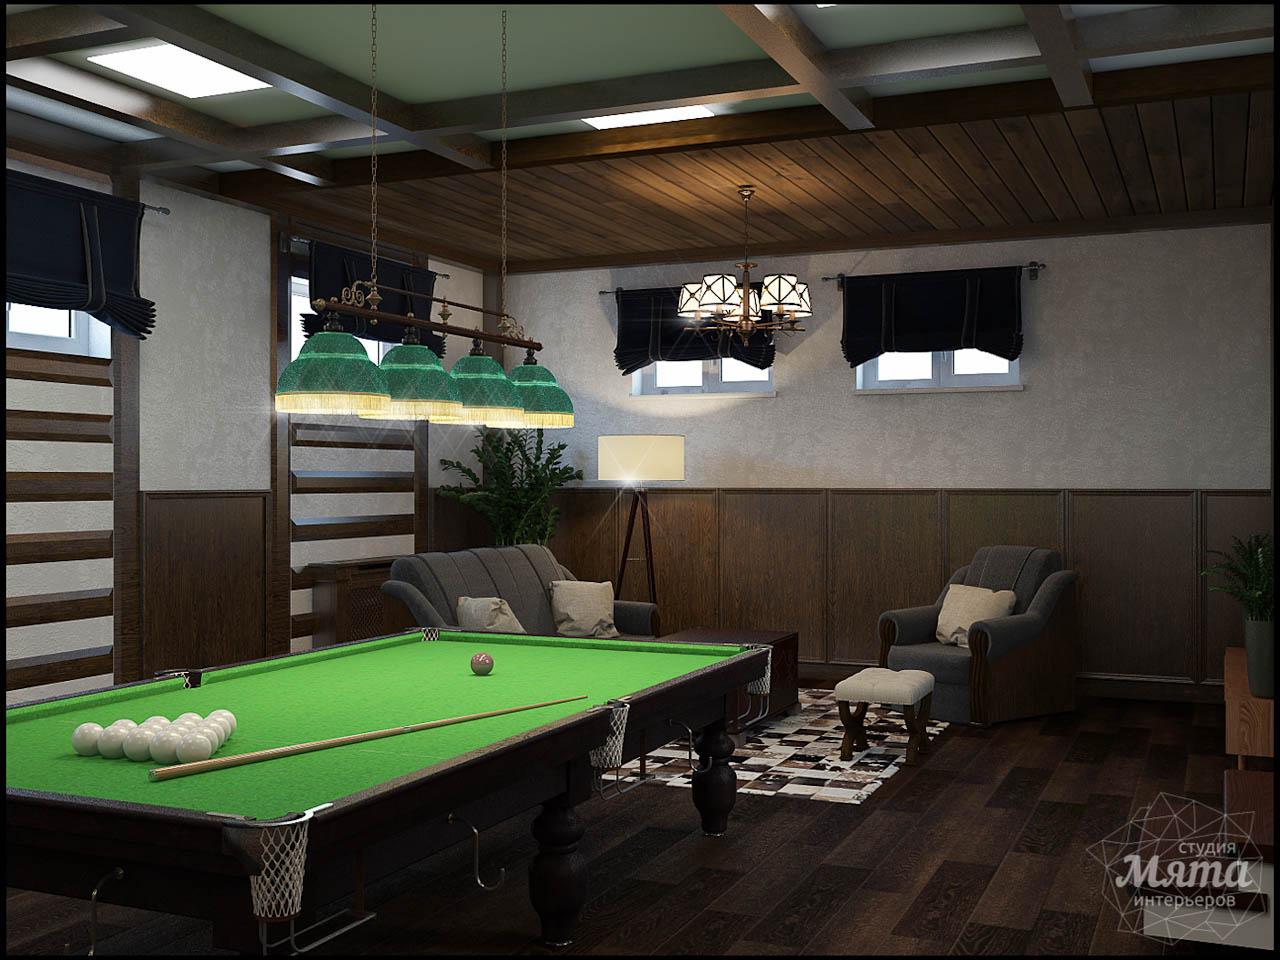 Дизайн интерьера бильярдной в п. Балтым img1725451330